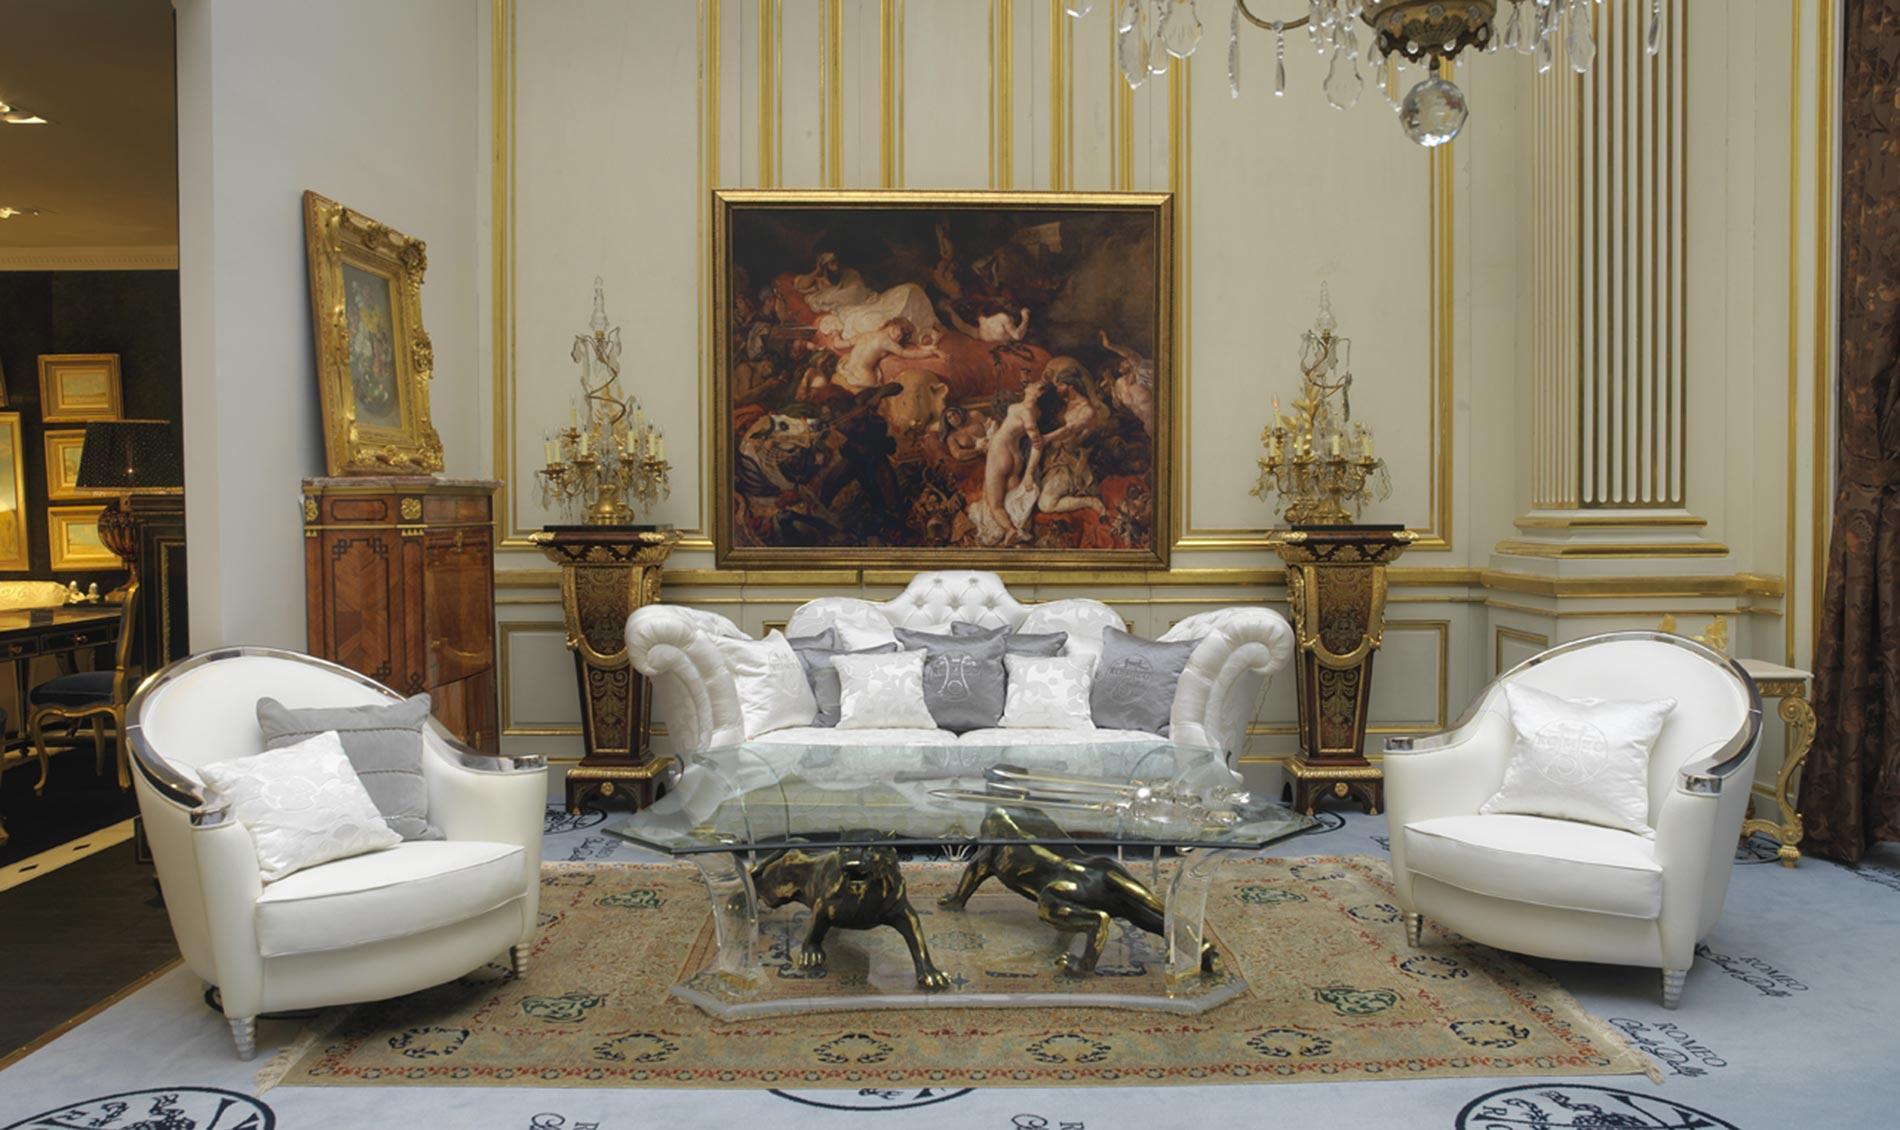 Magasin meuble faubourg st antoine diverses - Meubles faubourg saint antoine ...